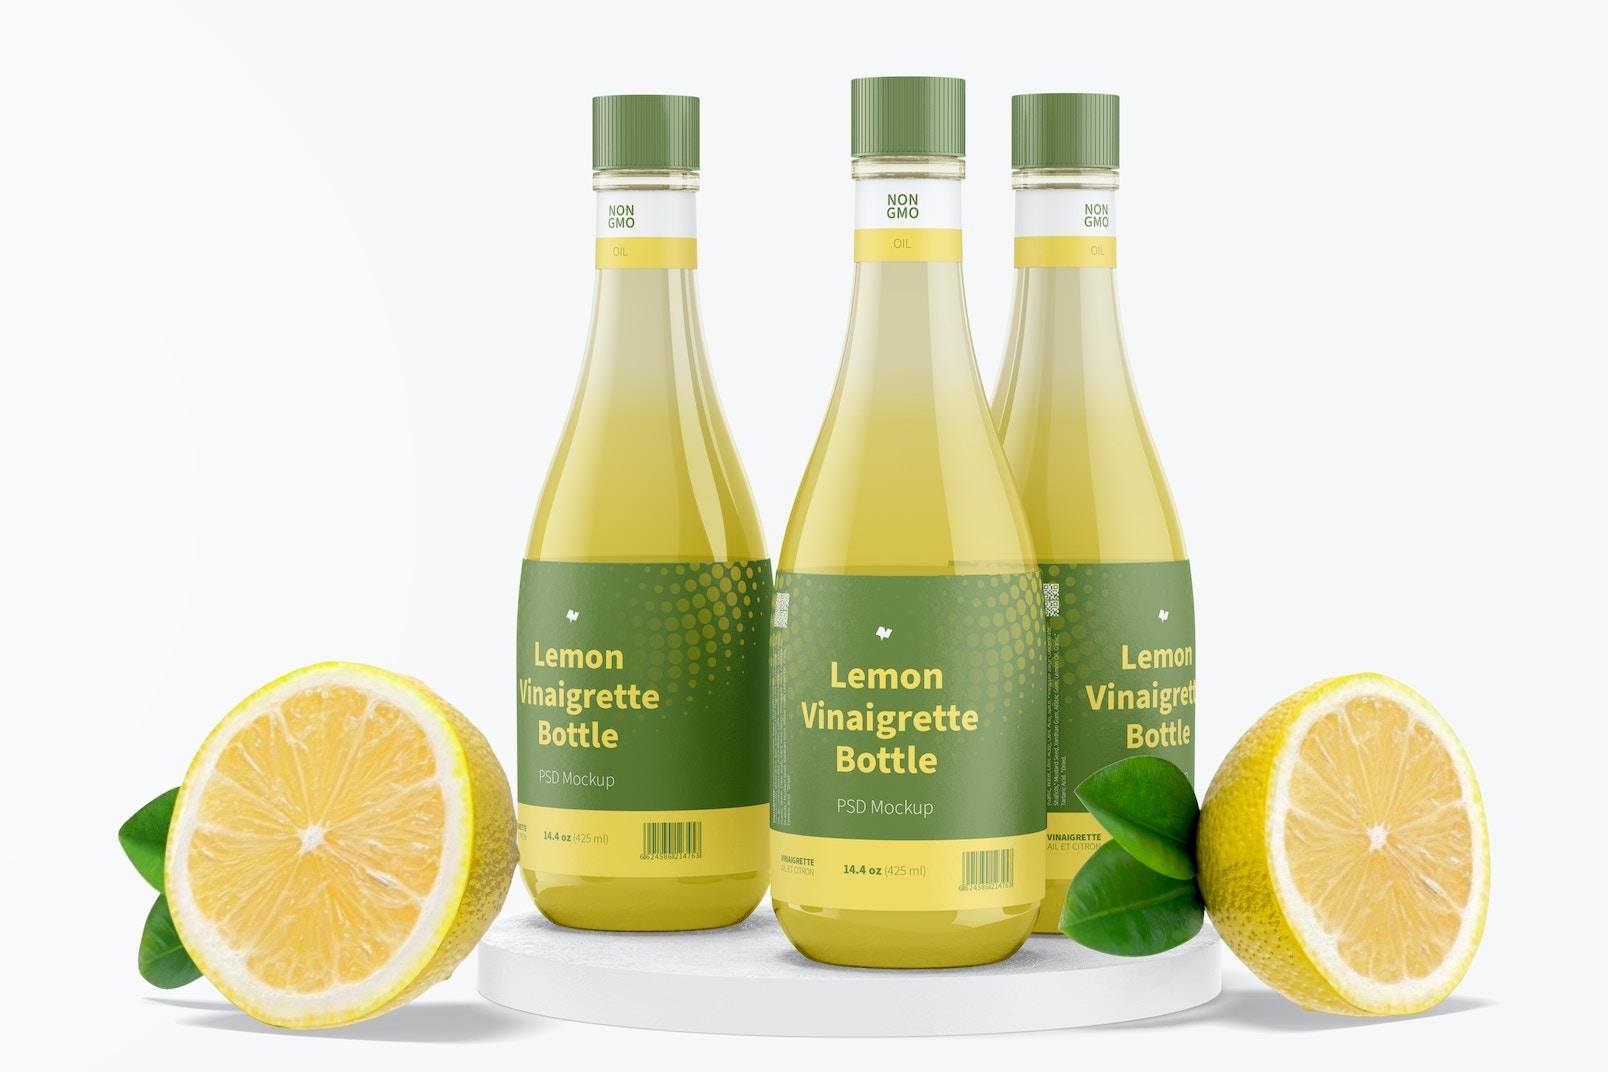 14.5 oz Lemon Vinaigrette Bottles Mockup